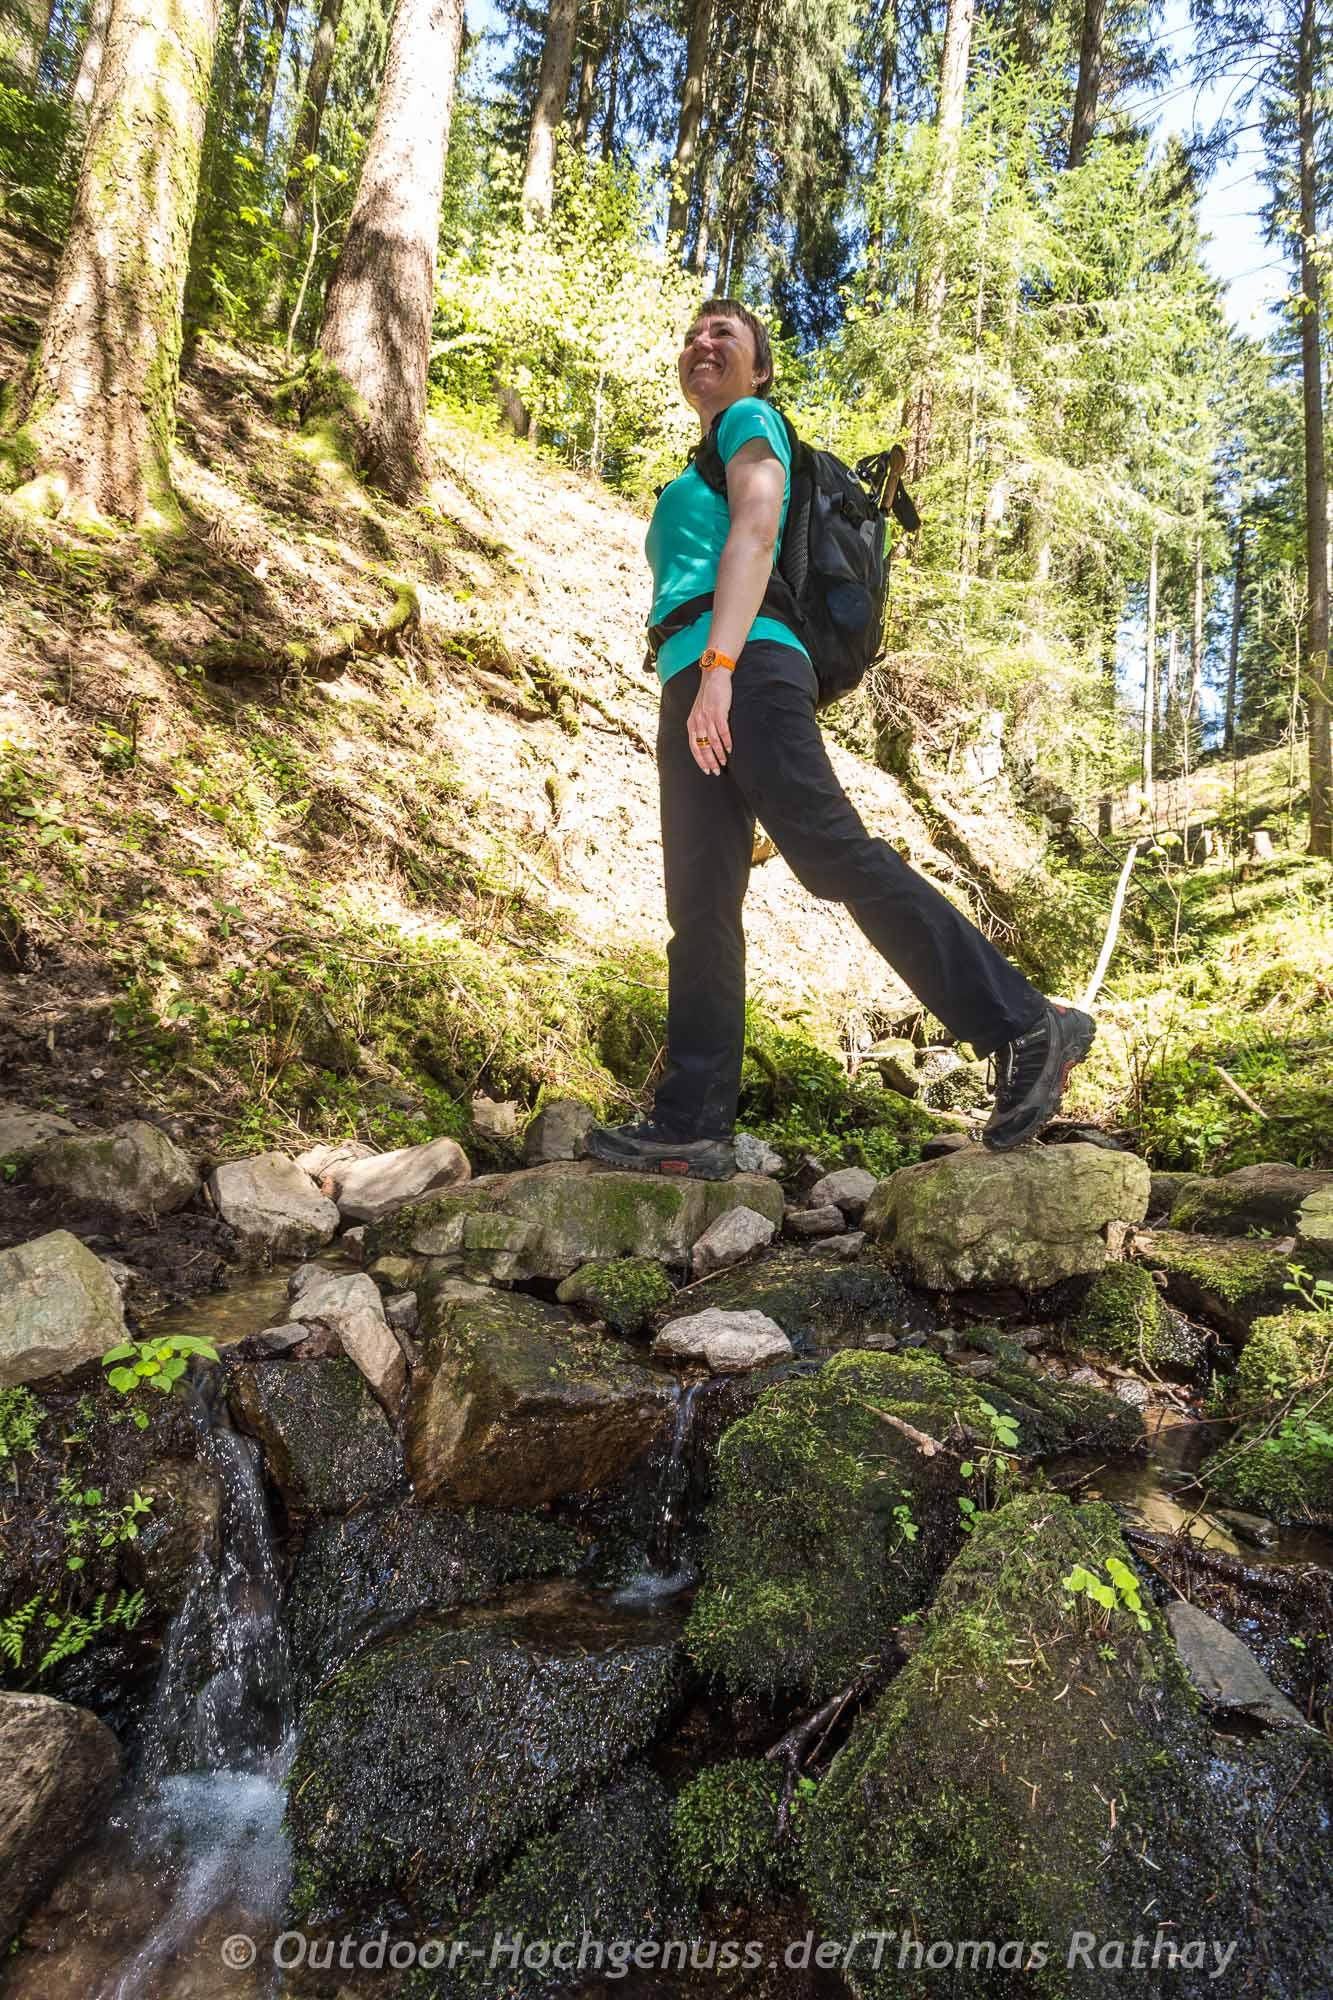 Wandern auf neuen Genießerpfaden im Schwarzwald, der Himmelssteig.